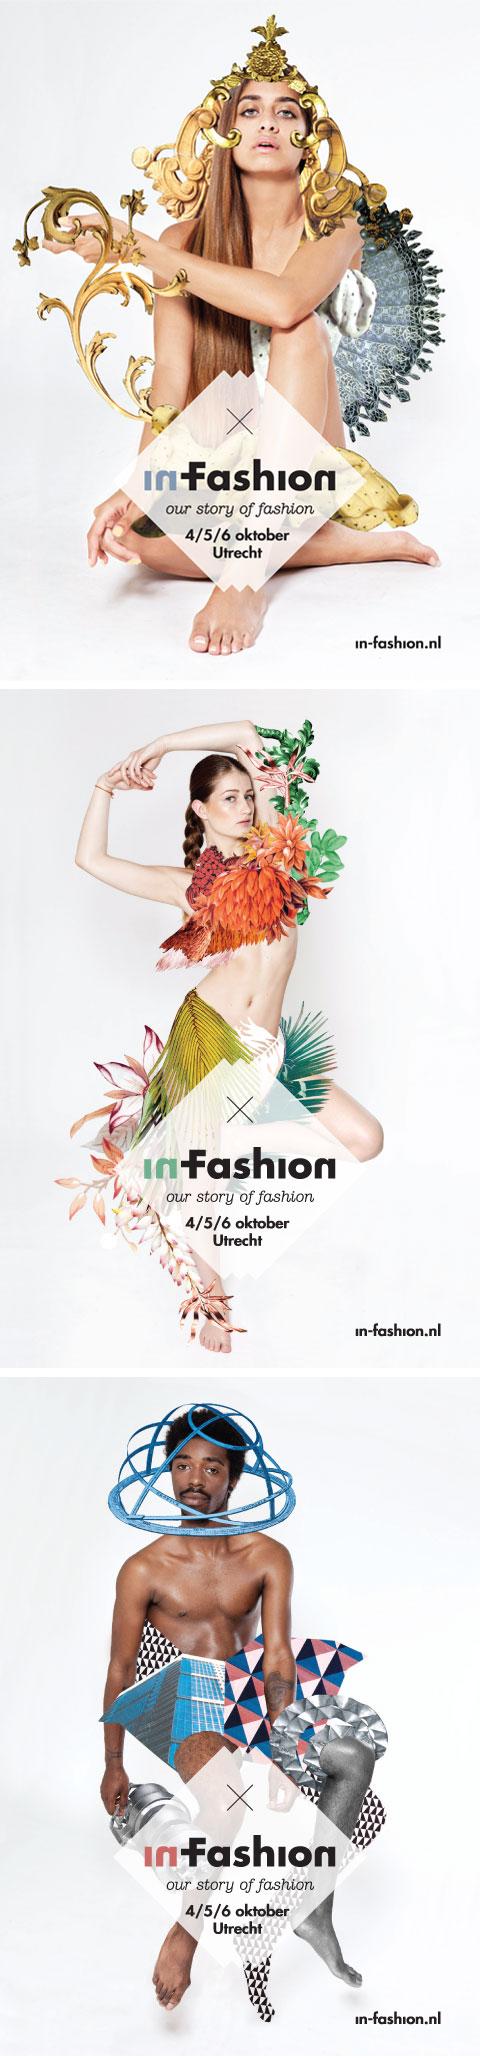 In-Fashion